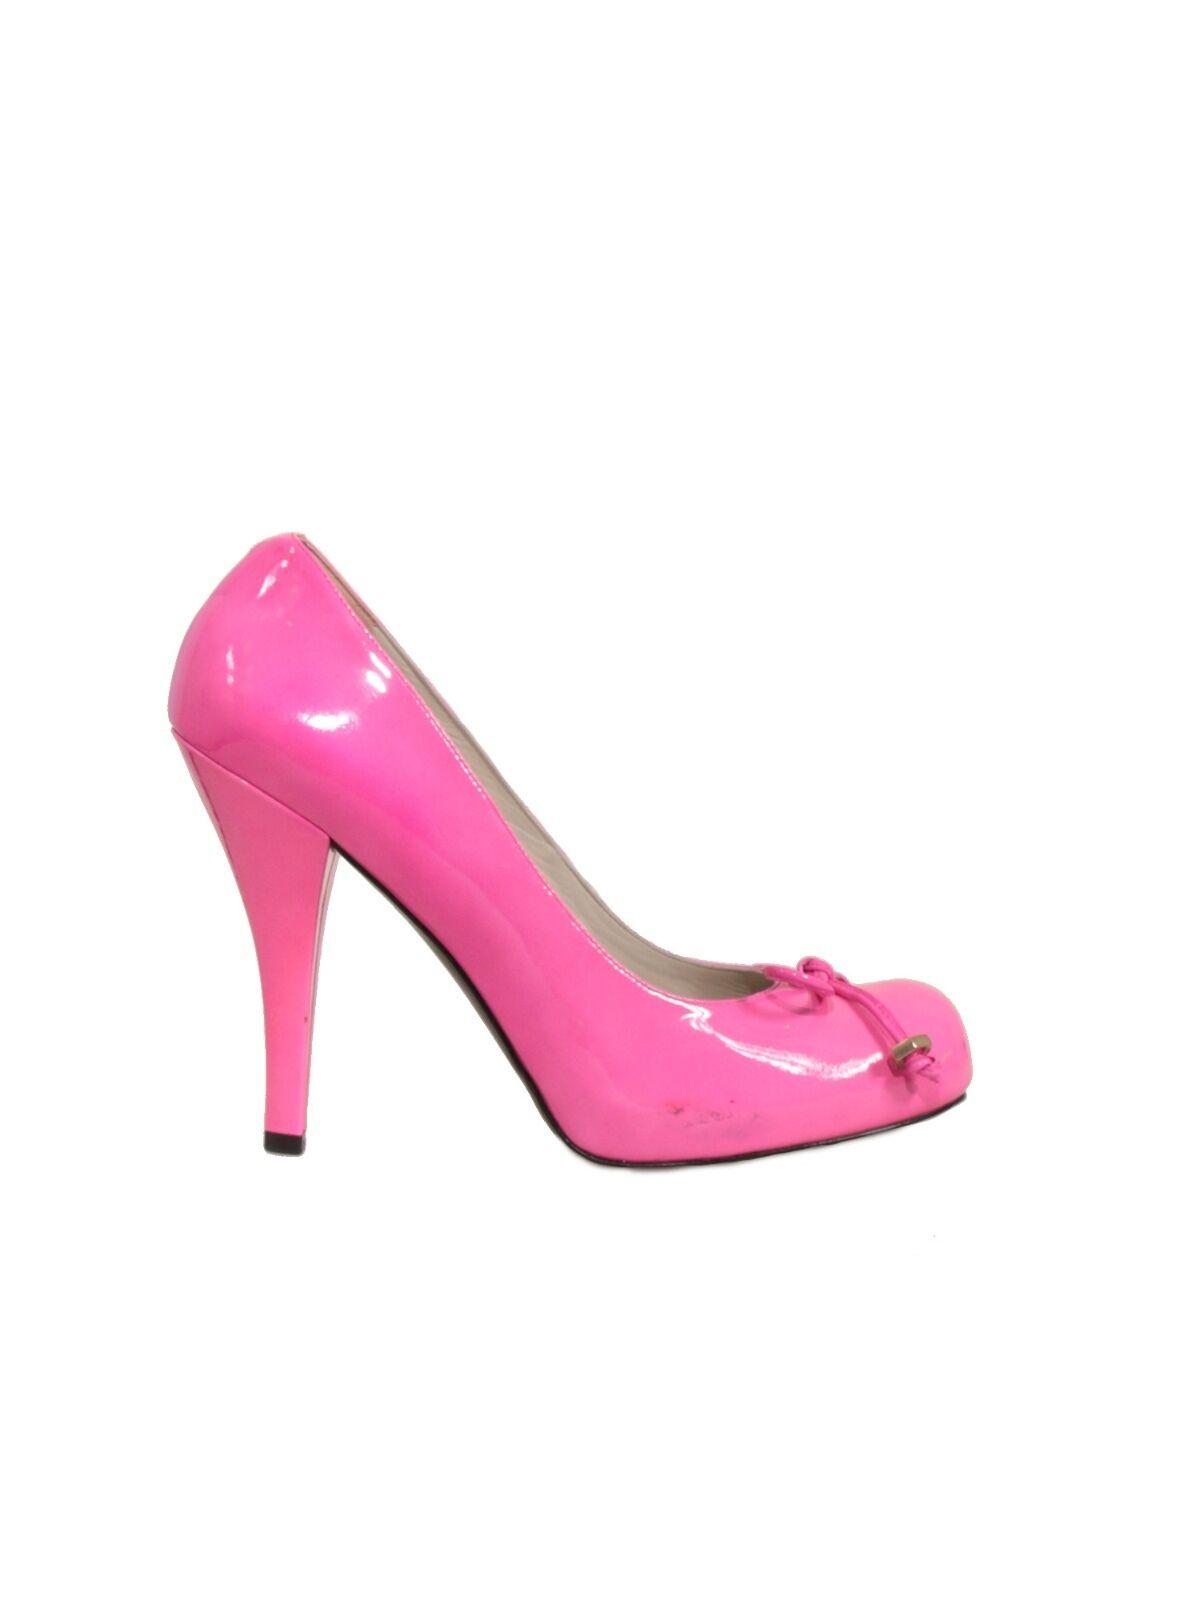 Nuevo Nuevo Nuevo  Marc By Marc Jacobs bombas de patente rosado (Tamaño 40)  mas preferencial